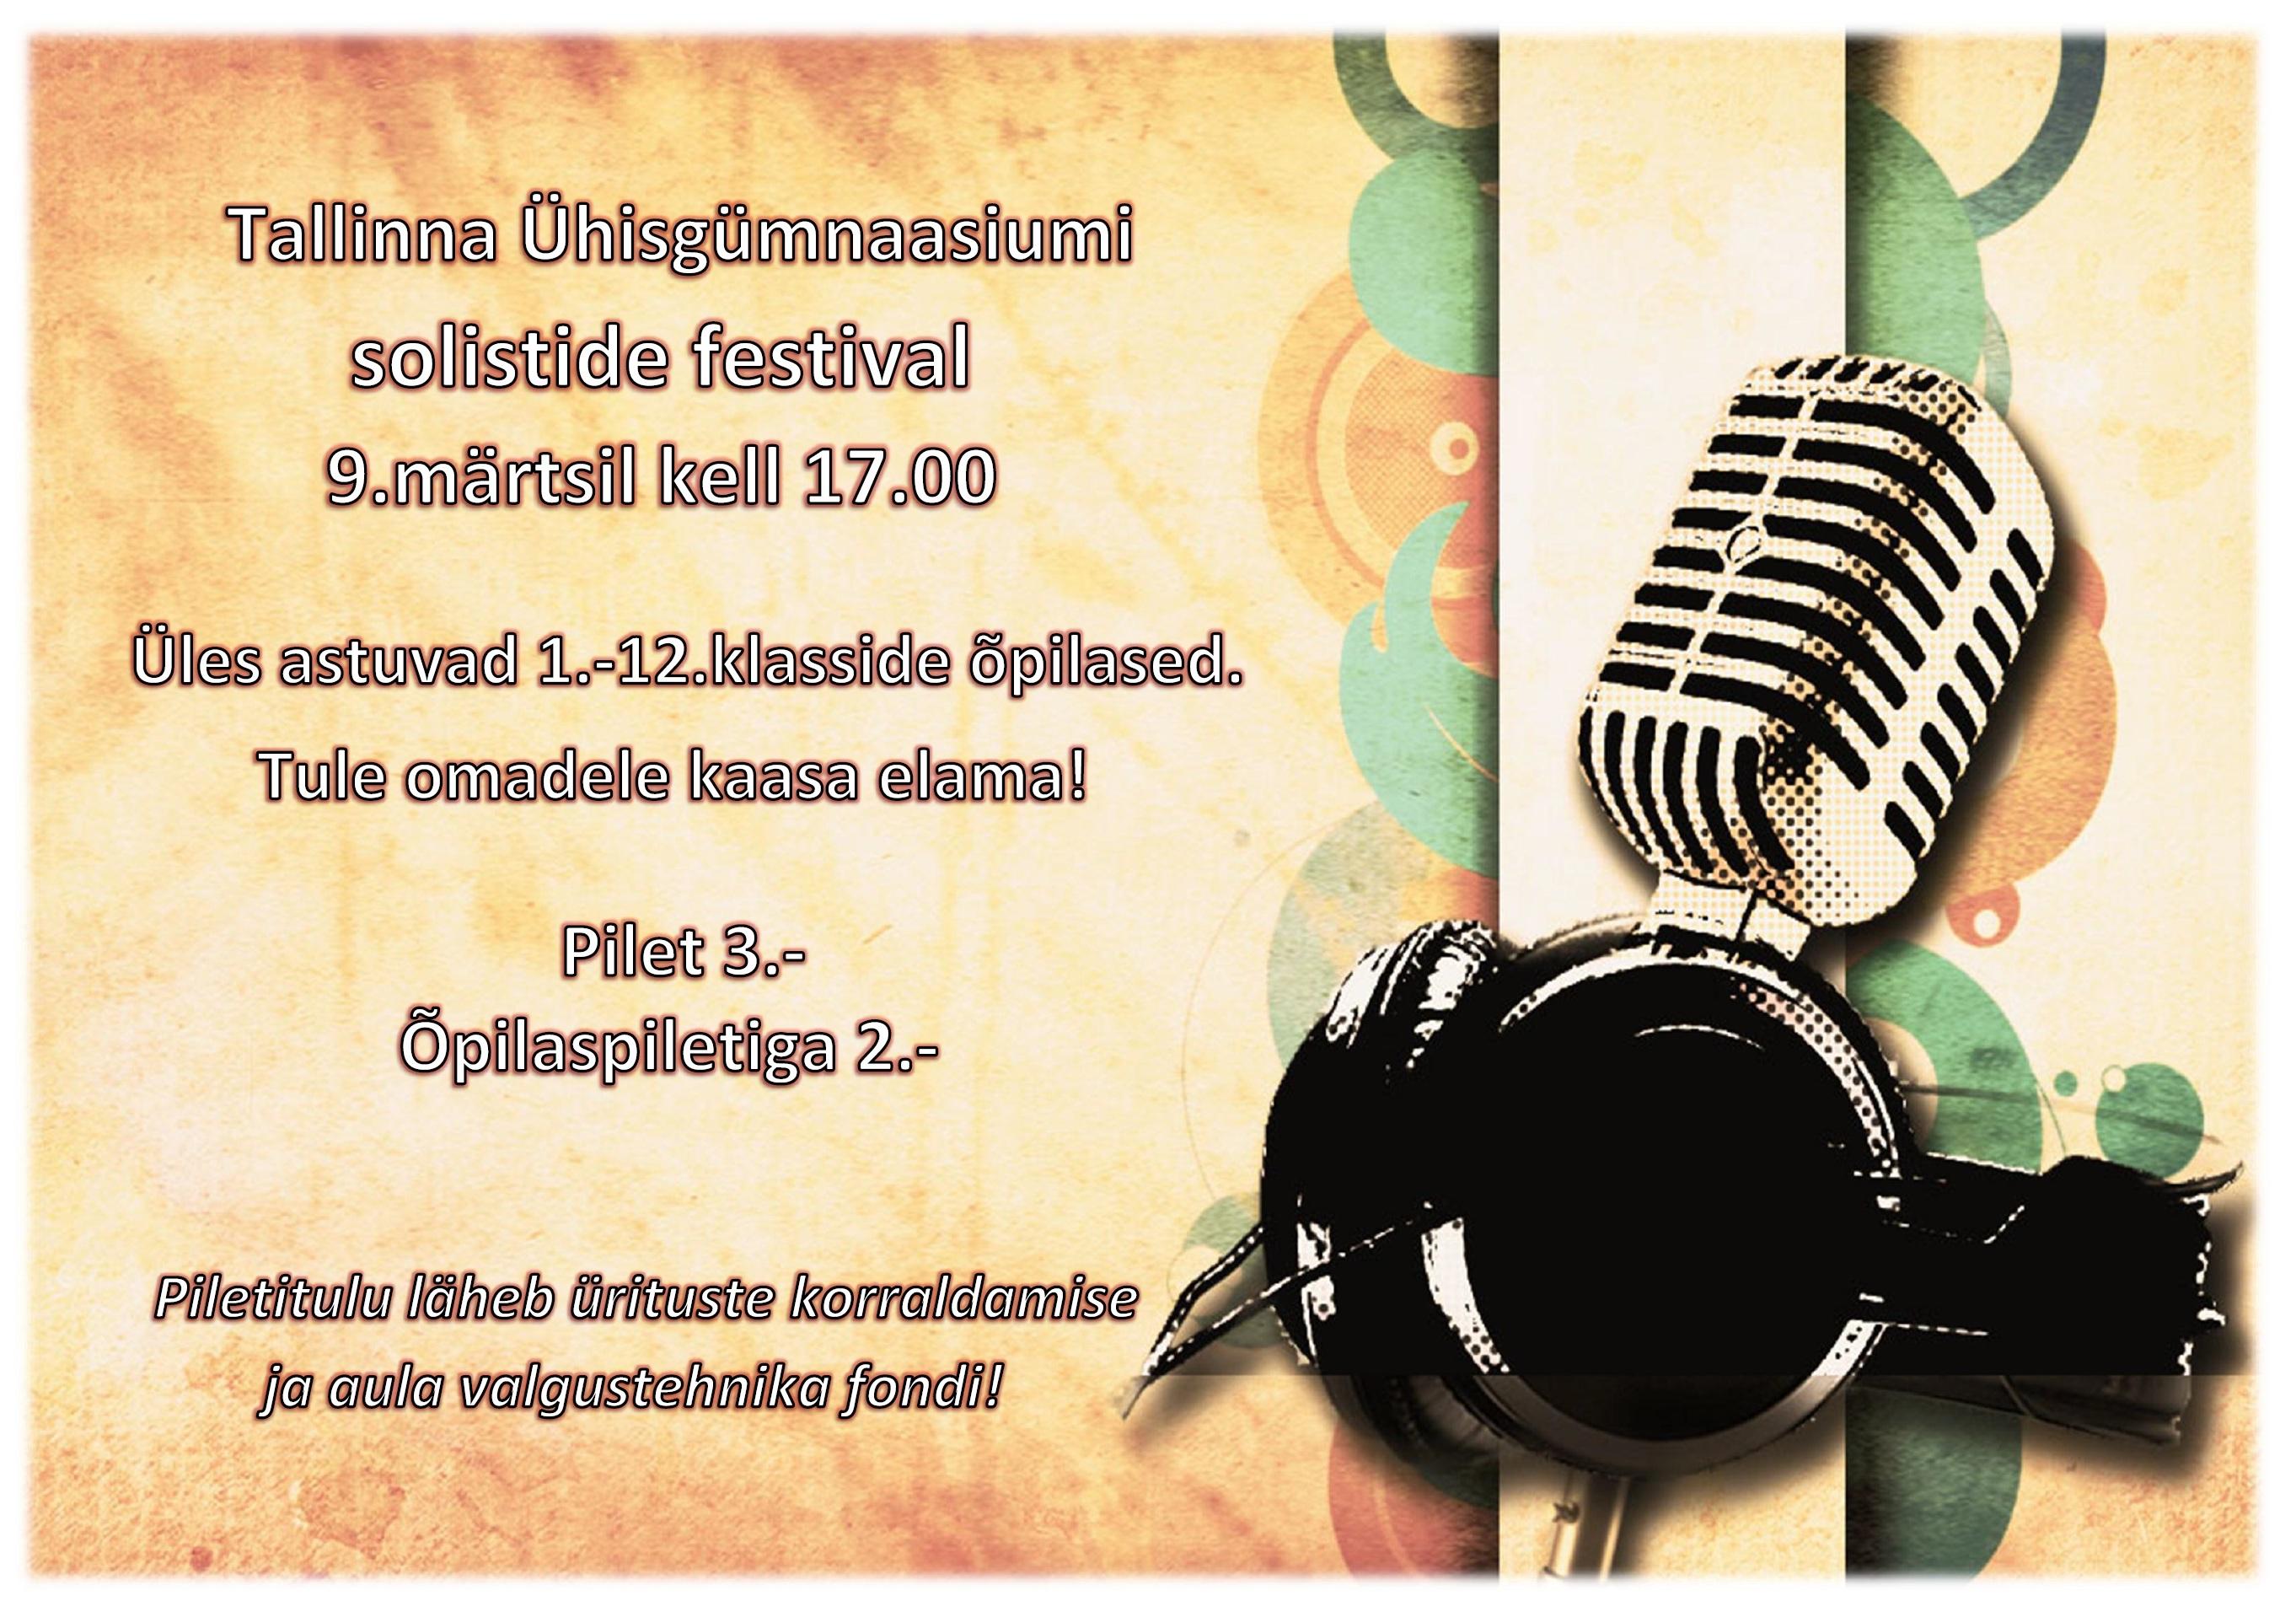 Solistide festival 2016